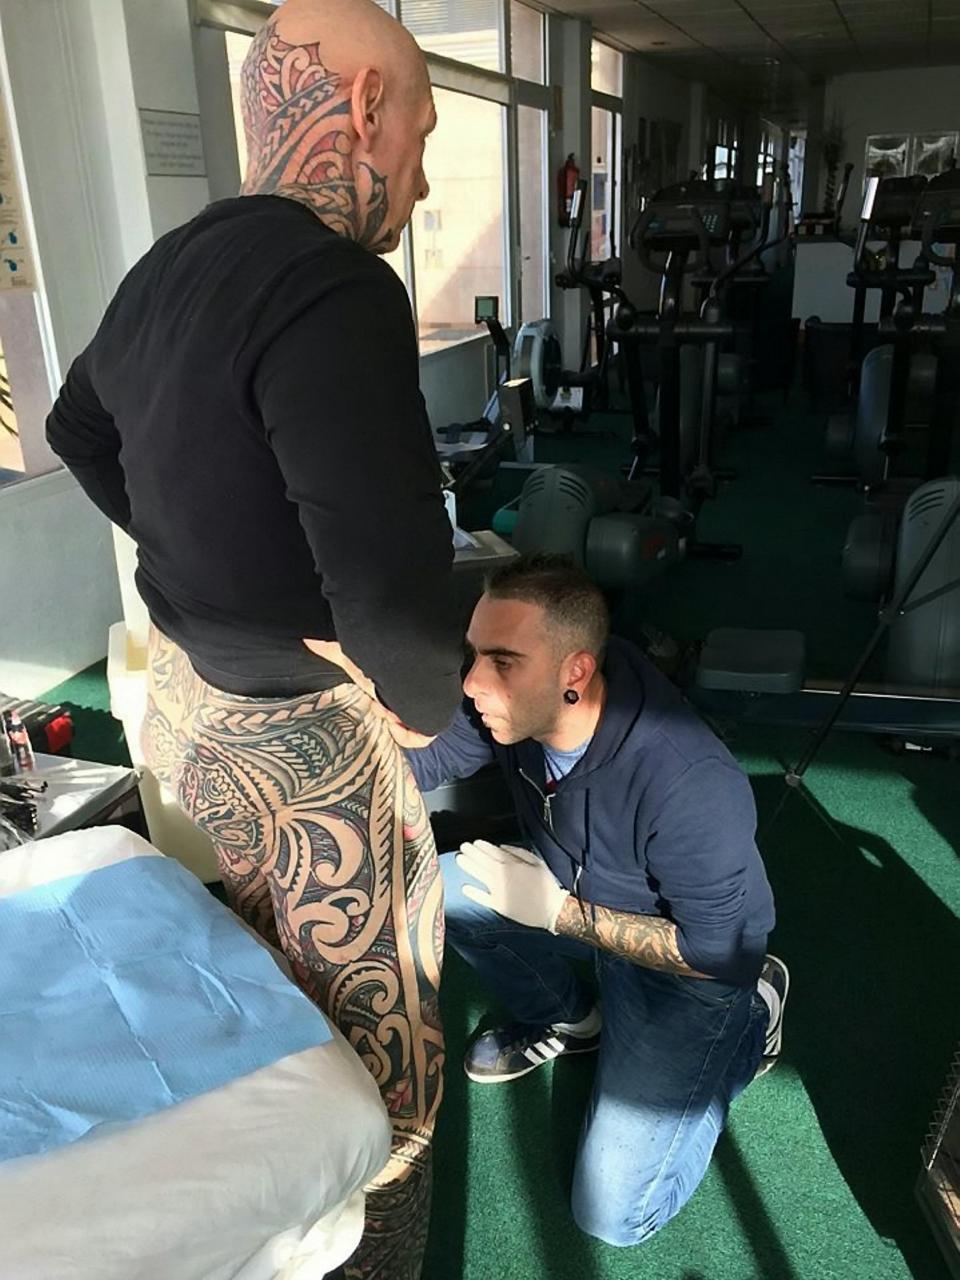 Tatouage extrême Il utilise un rouleau à pâtisserie pour se tatouer les parties génitales 3